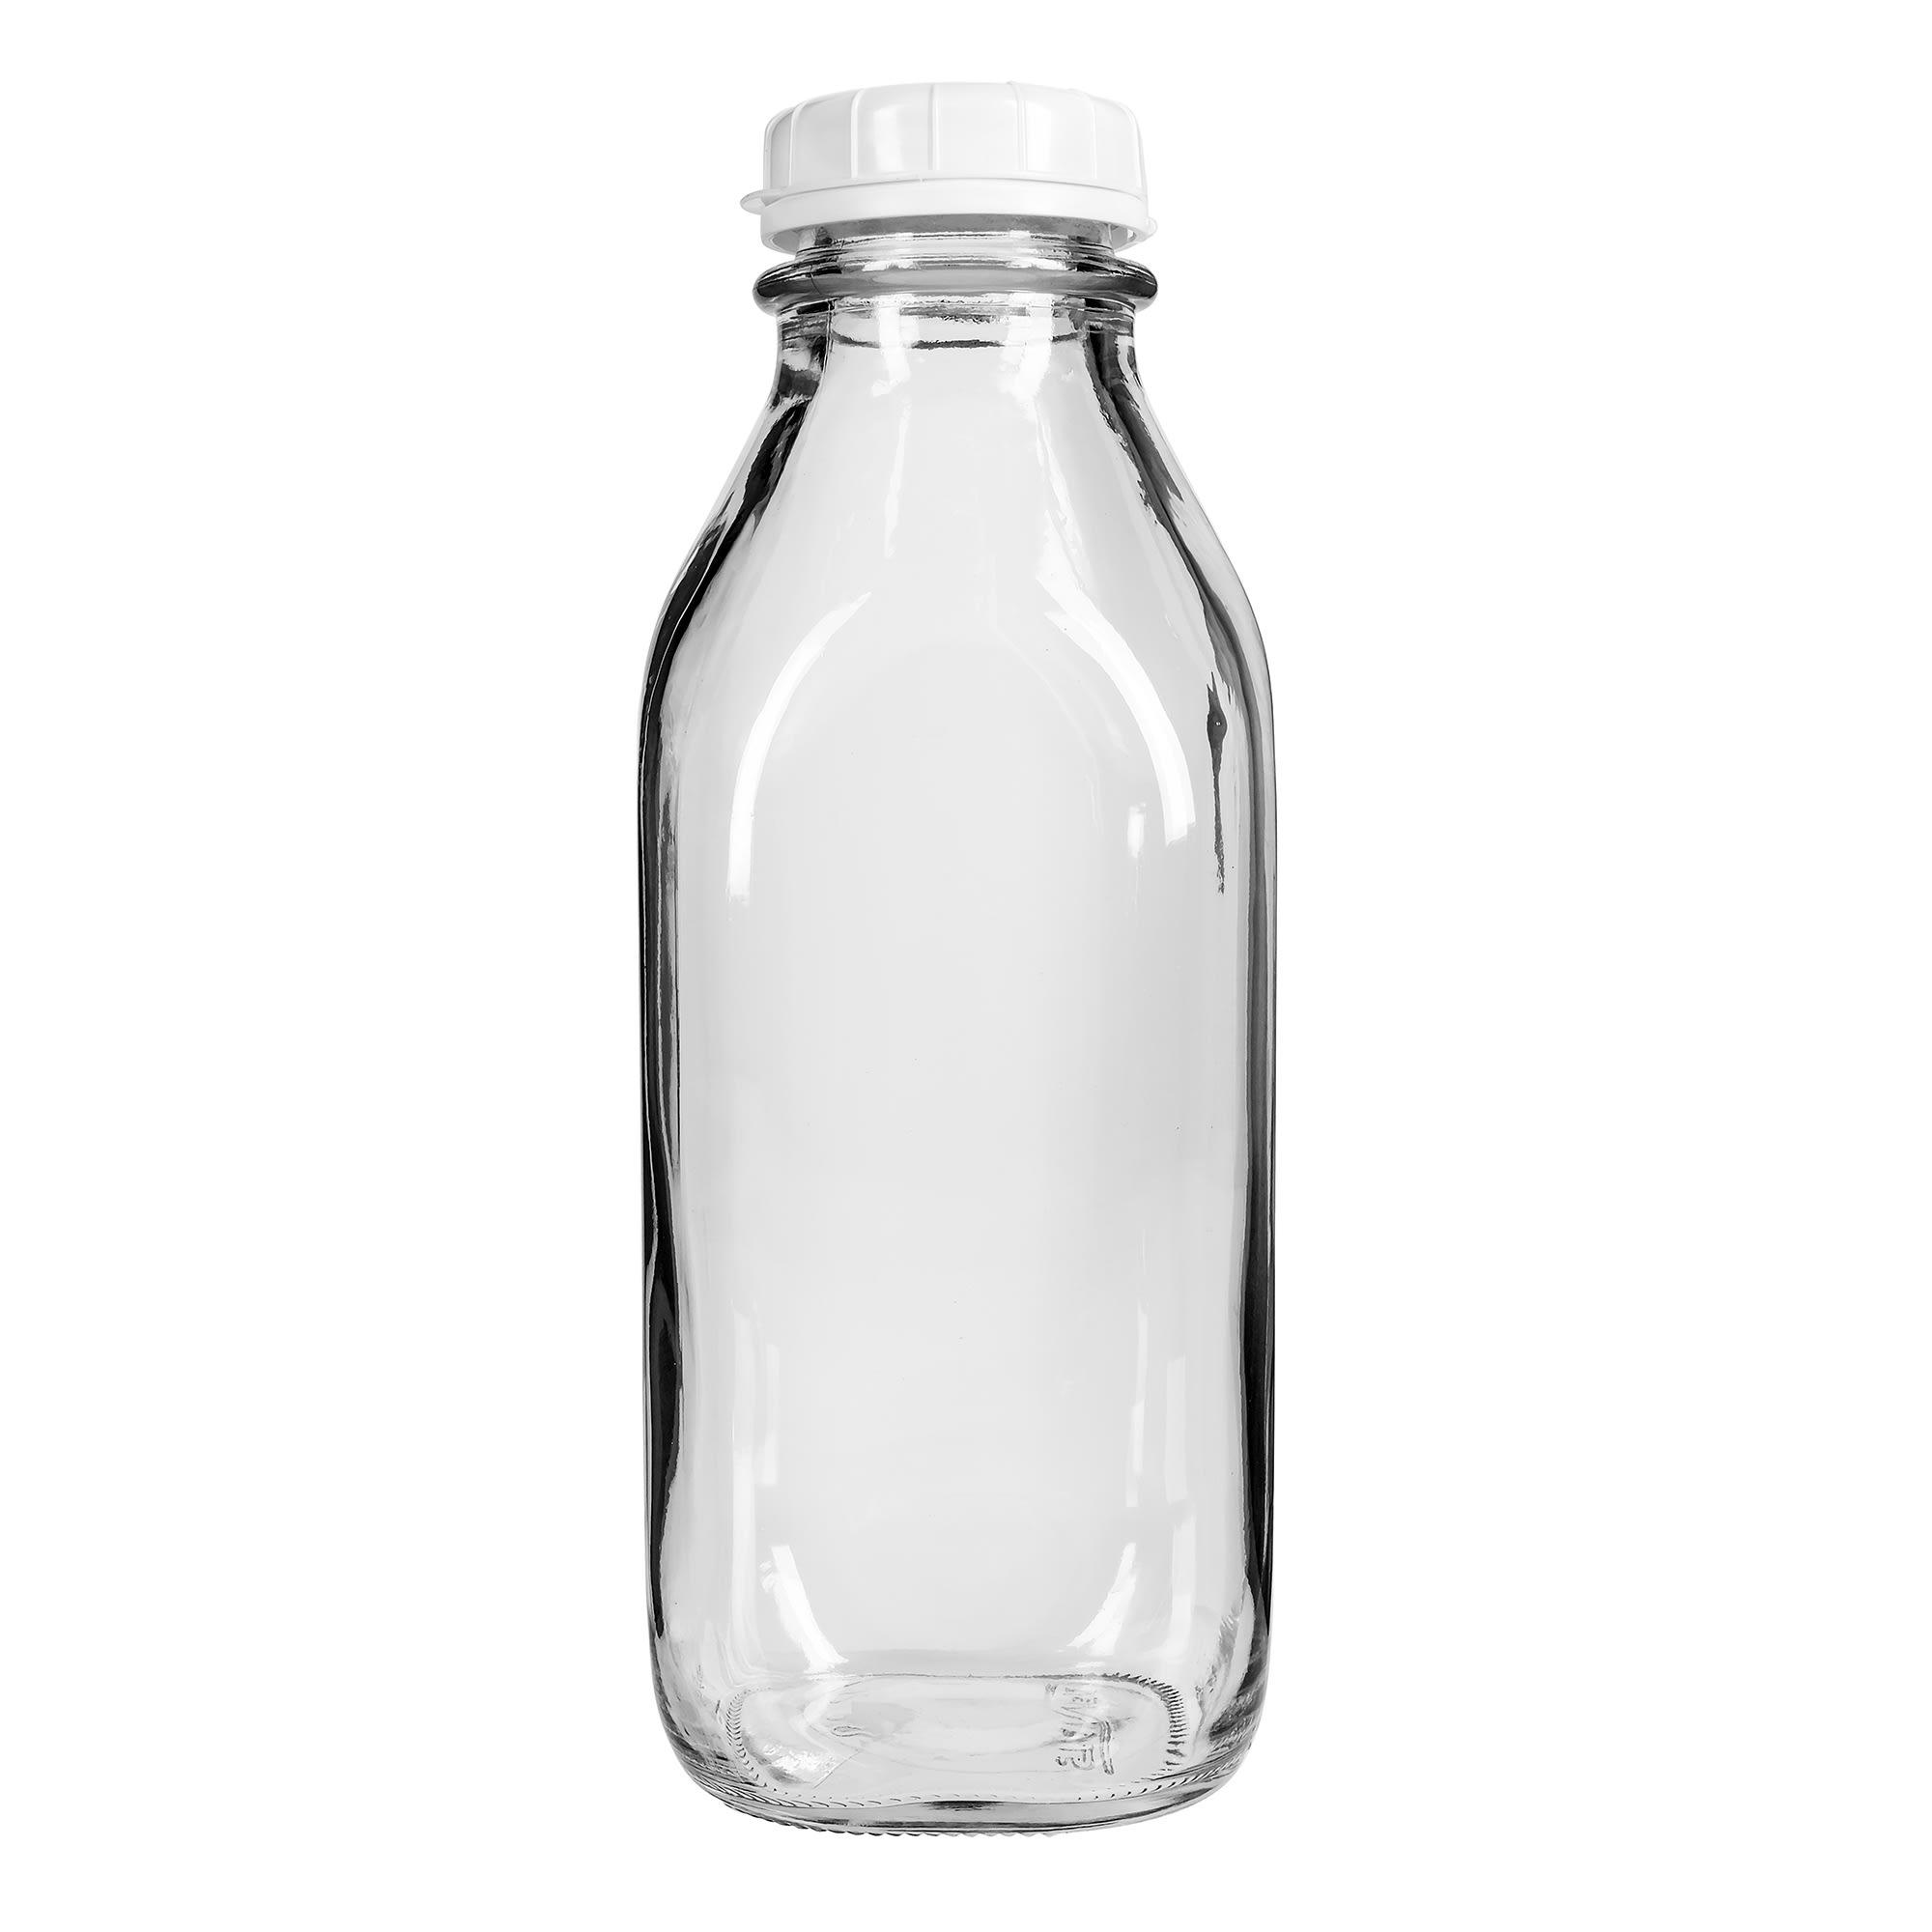 Libbey 56634 33.75-oz Milk Bottle w/ Plastic Lid